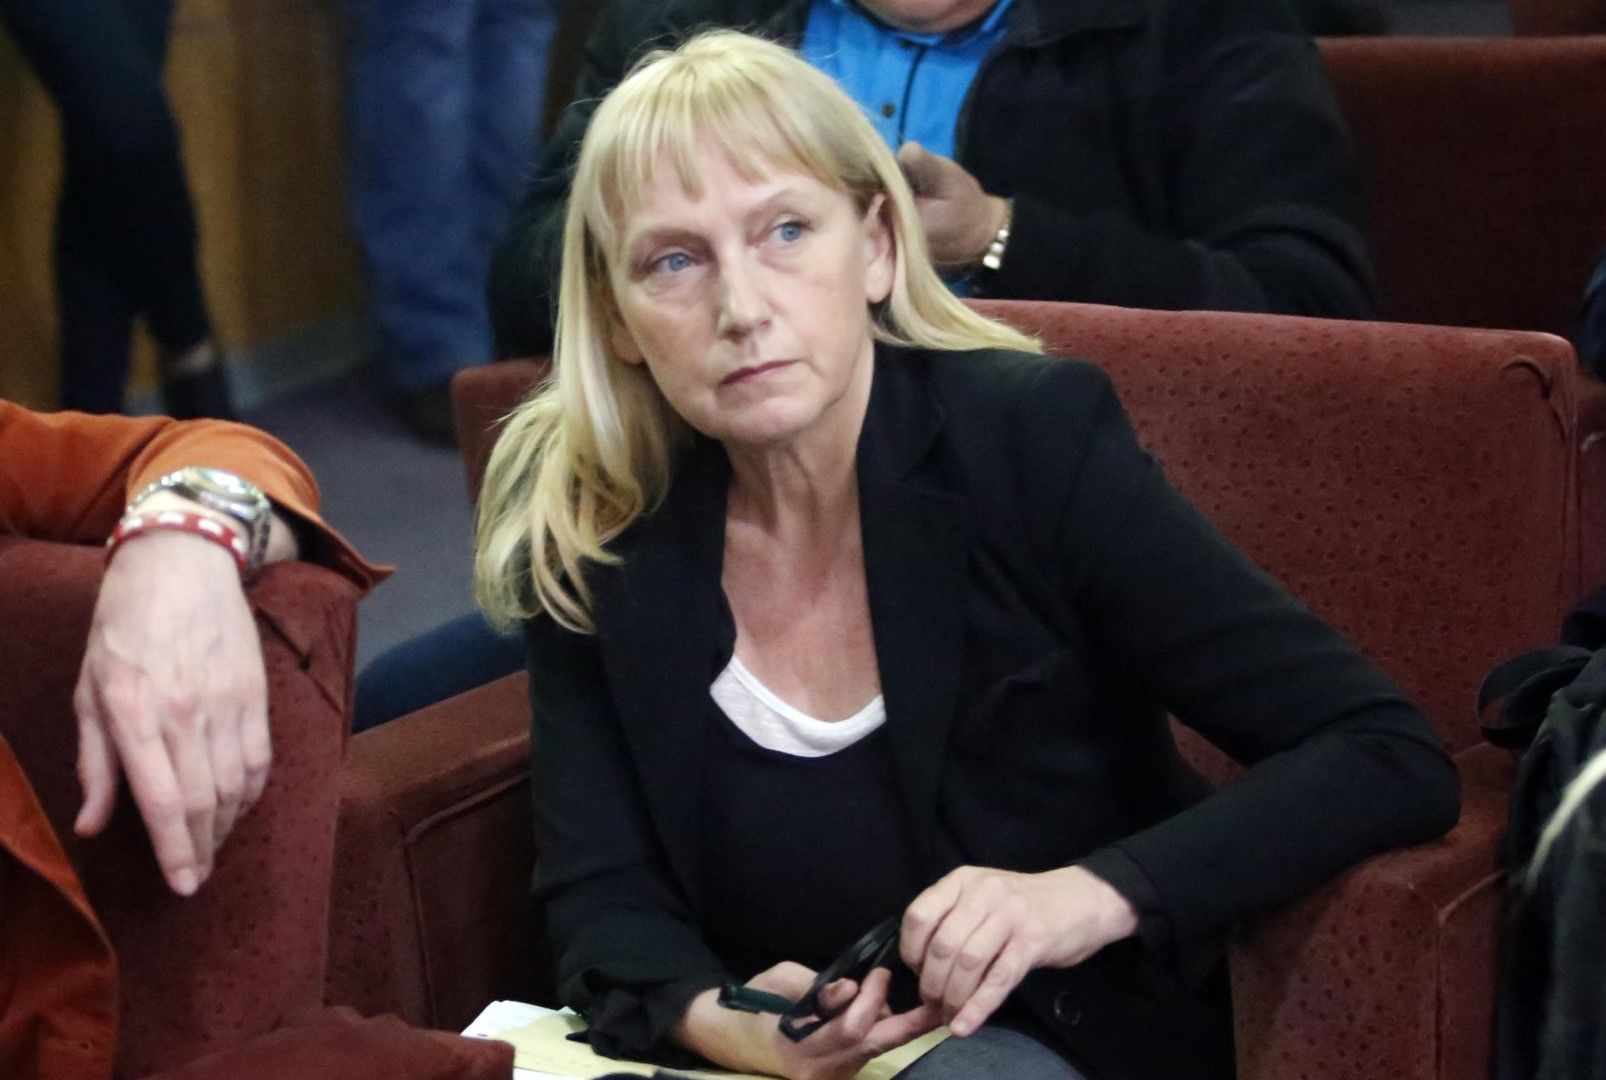 Елена Йончева го закъса. В БСП ще й искат сметка какво прави в Брюксел!?